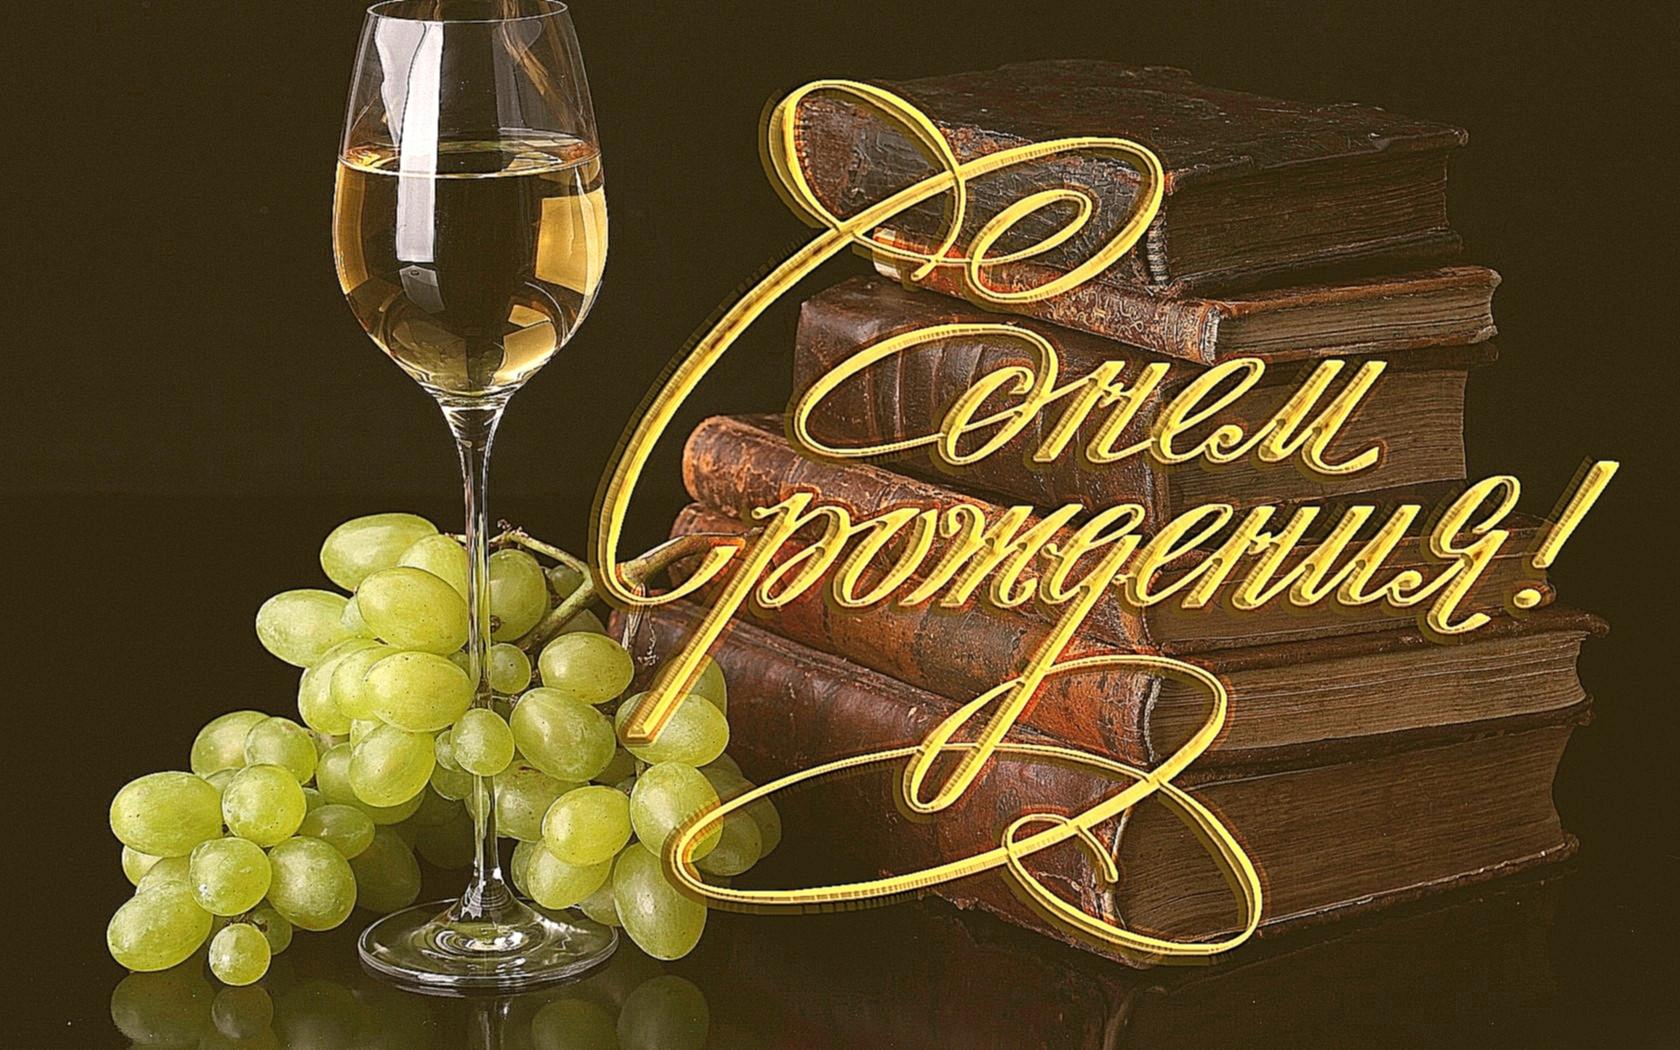 Поздравления с Днем рождения Олегу в стихах 88